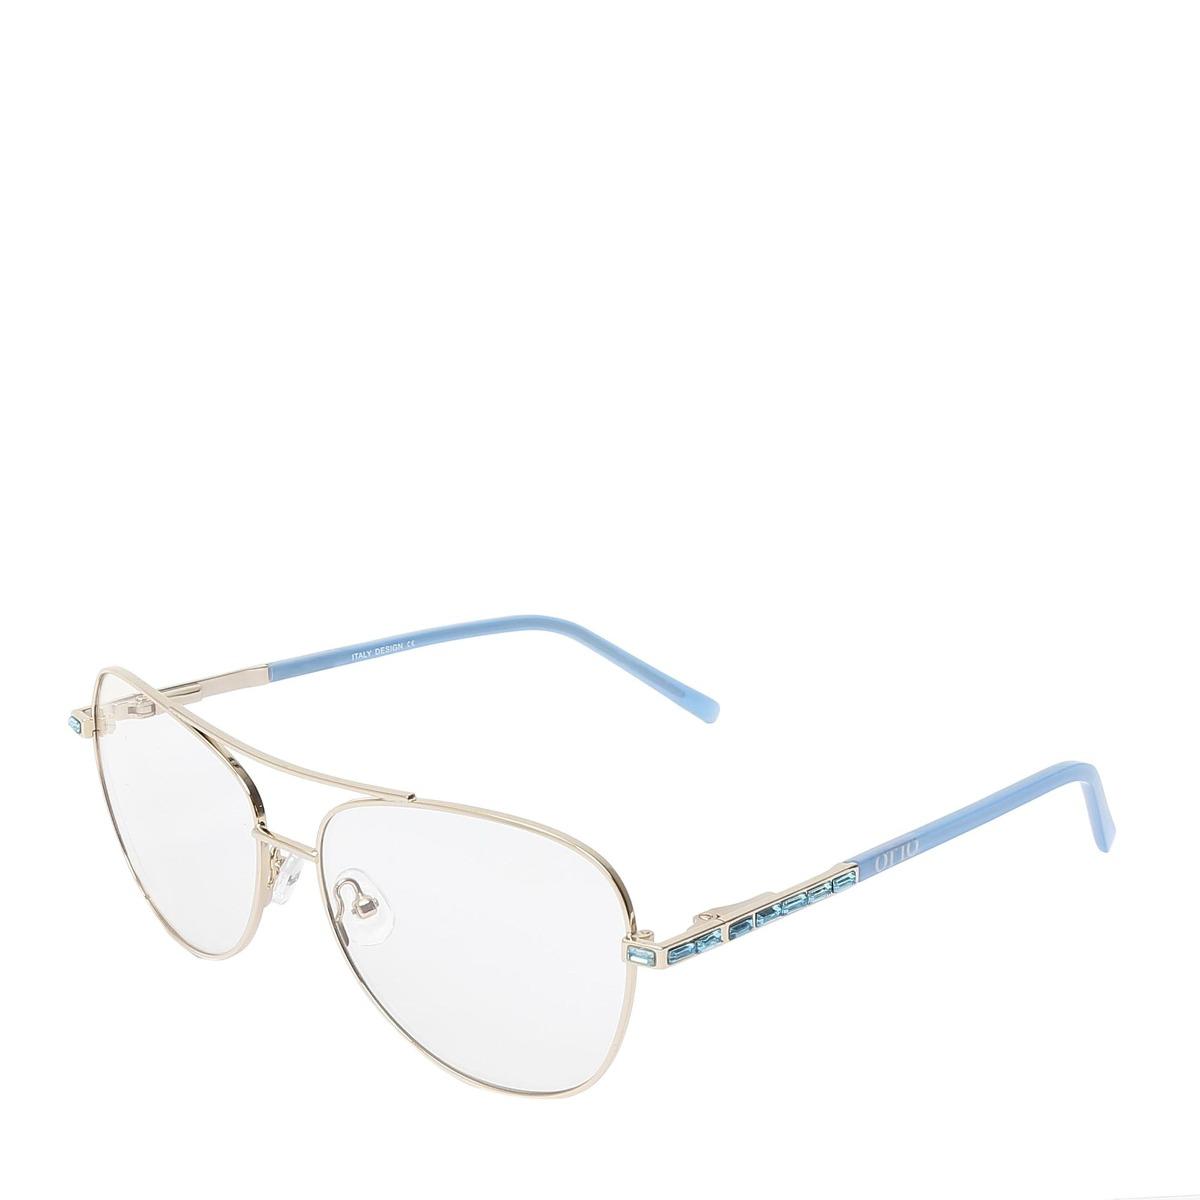 fafb9db2e Óculos De Grau - Prorider. - R$ 69,00 em Mercado Livre